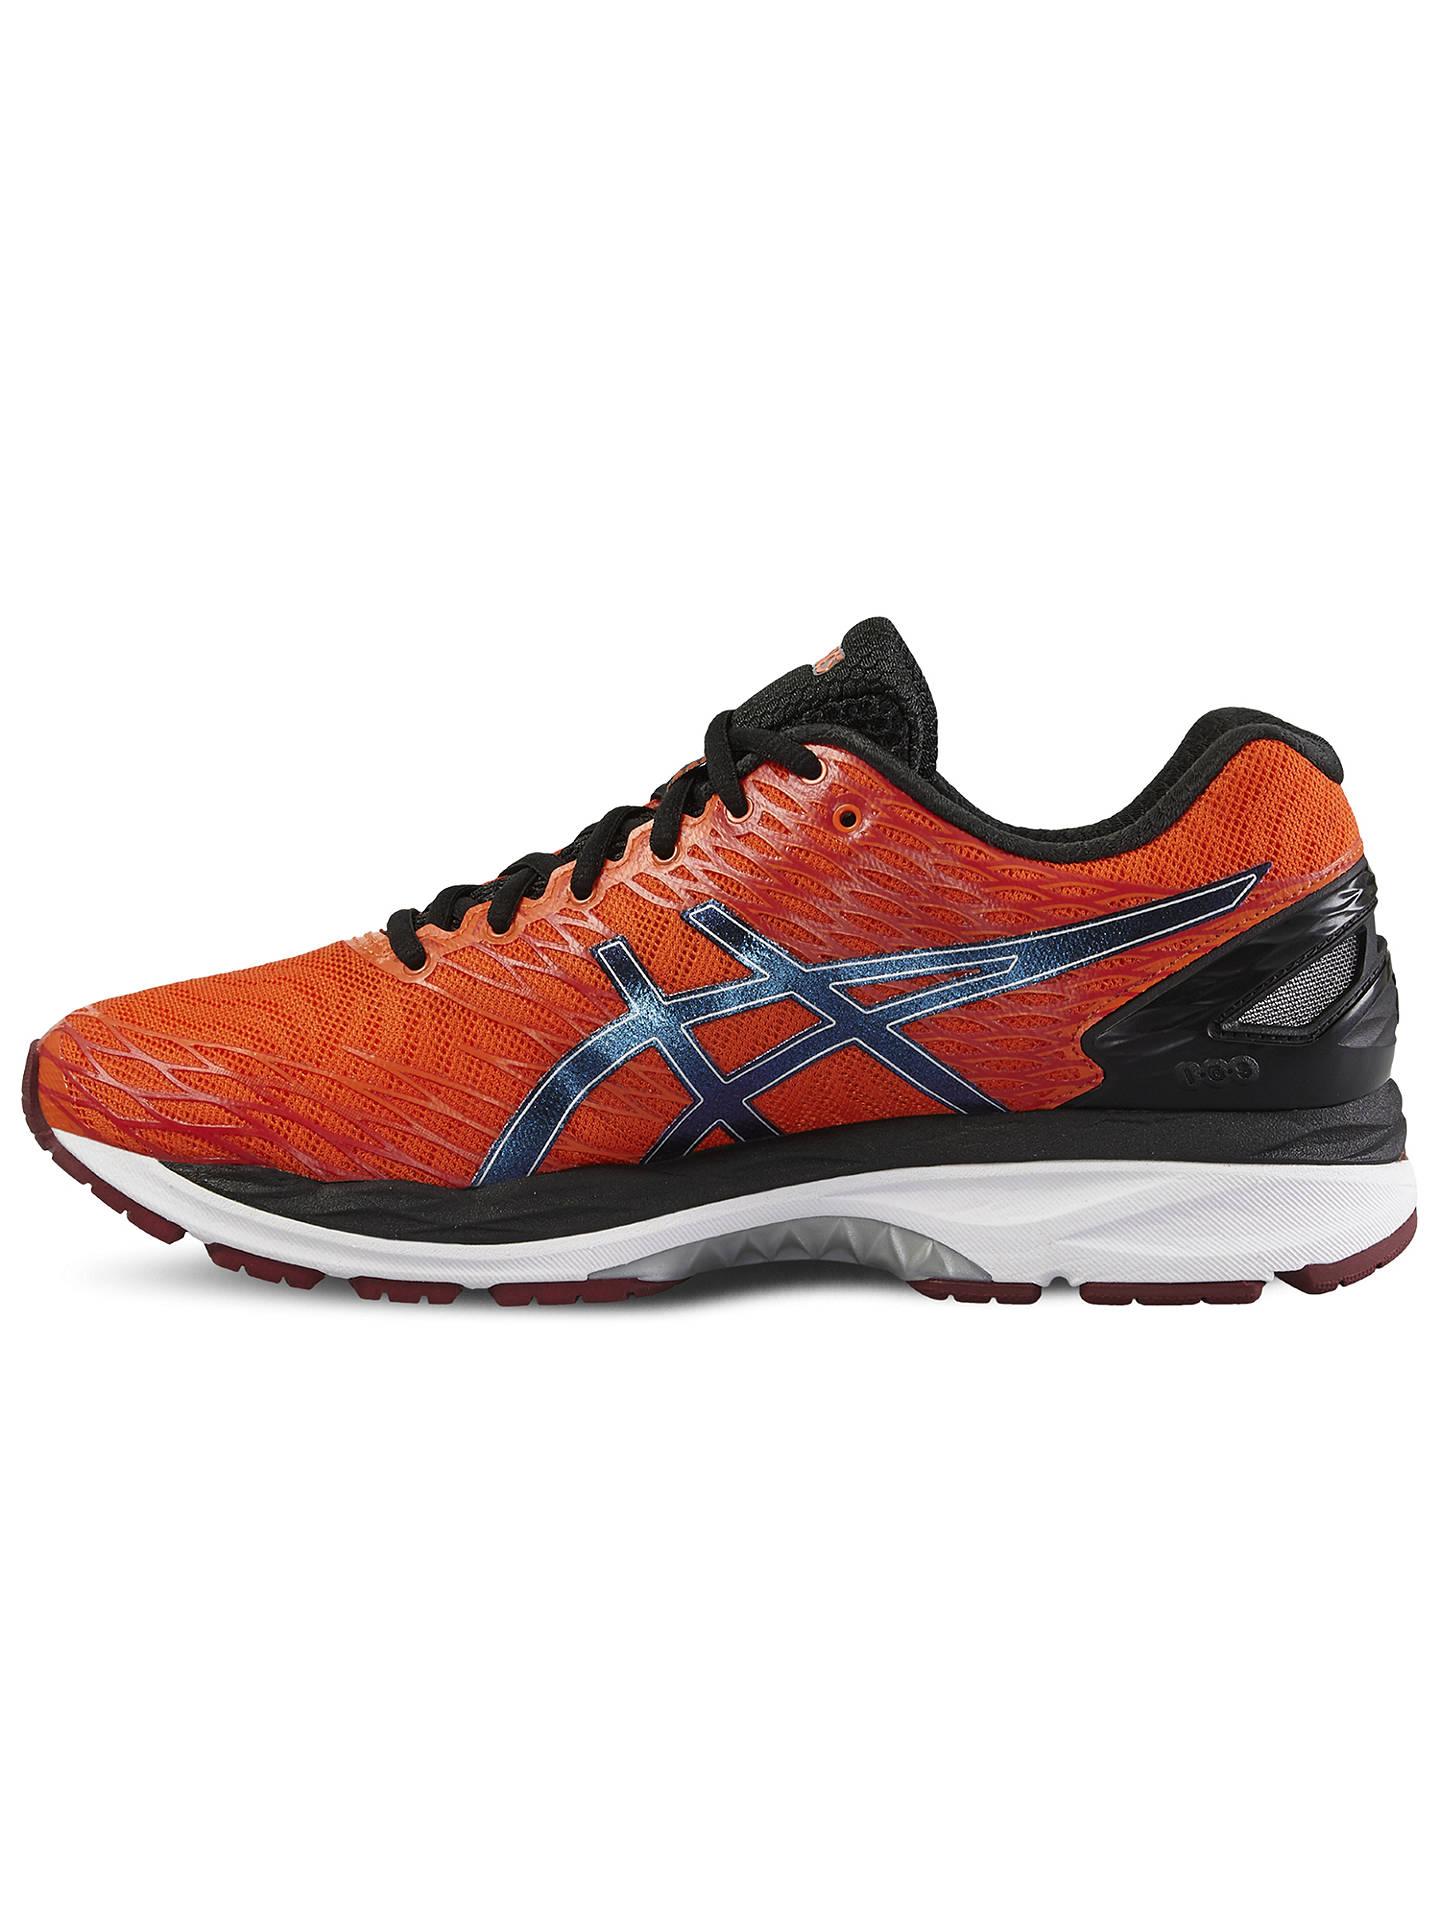 BuyAsics Gel Nimbus 18 Men's Neutral Running Shoes, Orange/Black, 7 Online at ...